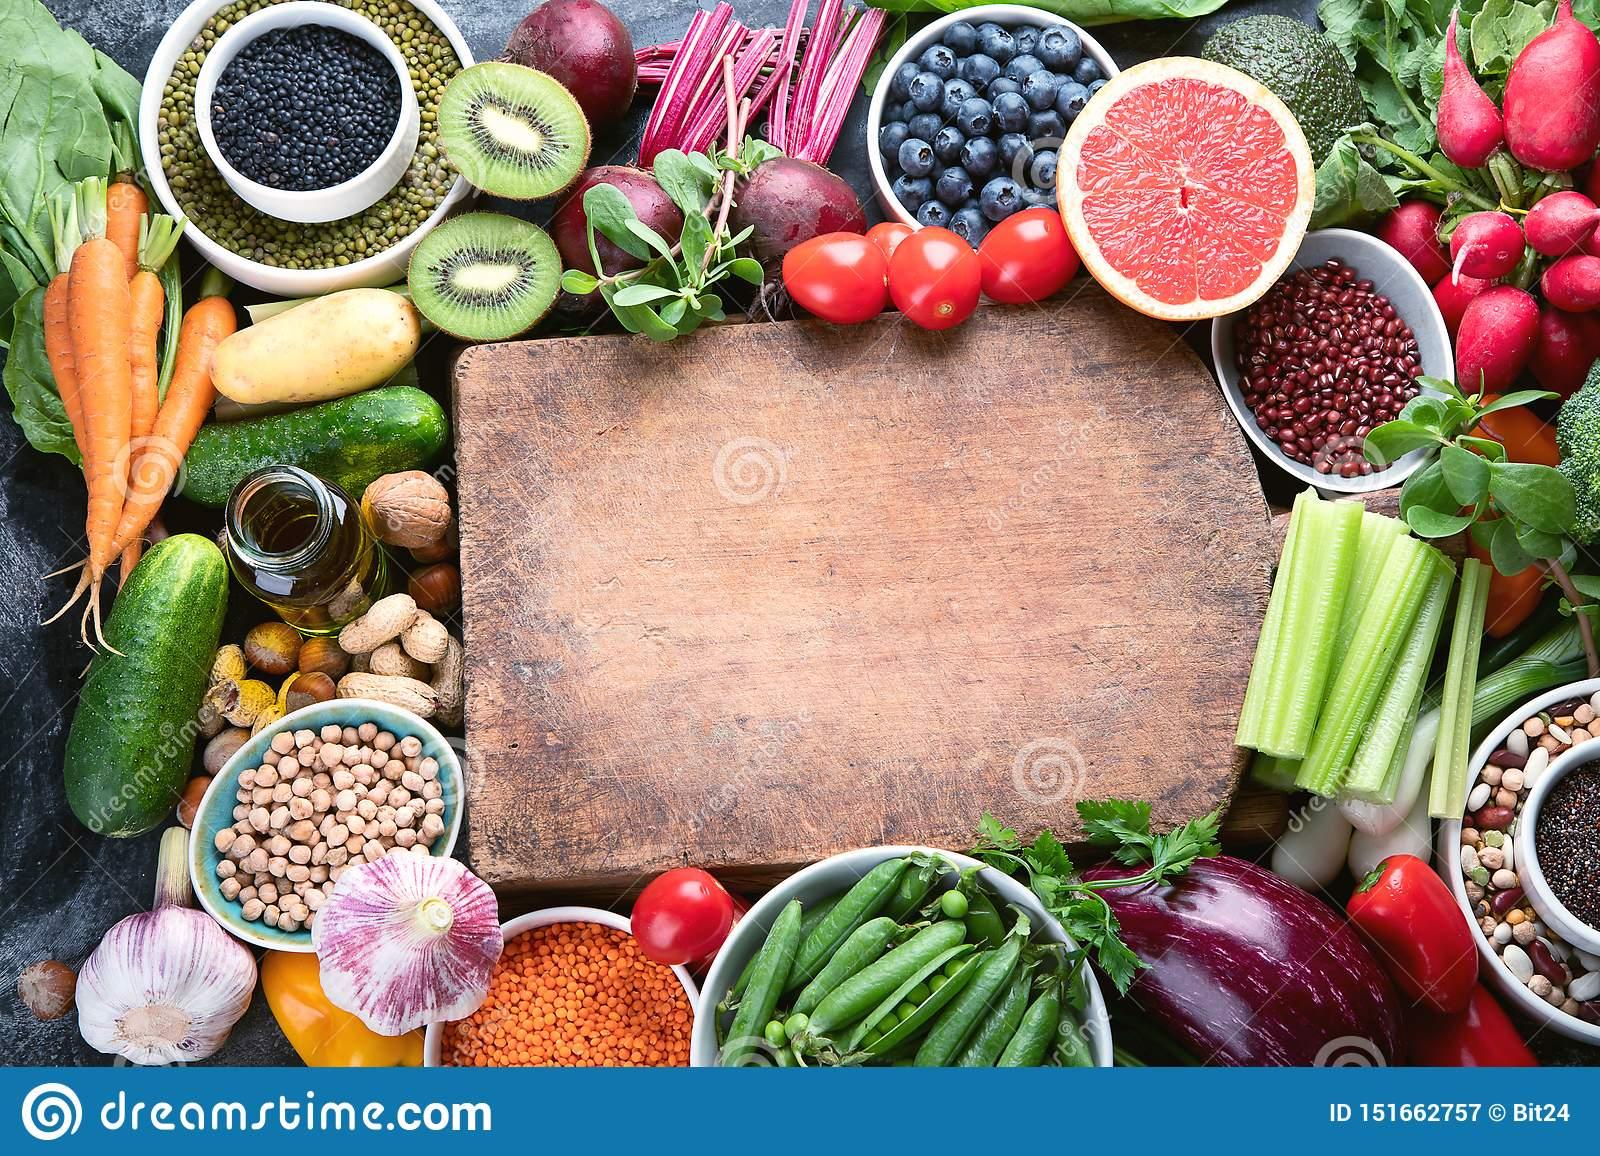 healthy-eating-ingredients-vegetables-fruits-legumes-nutrition-diet-clean-food-concept-151662757.jpg